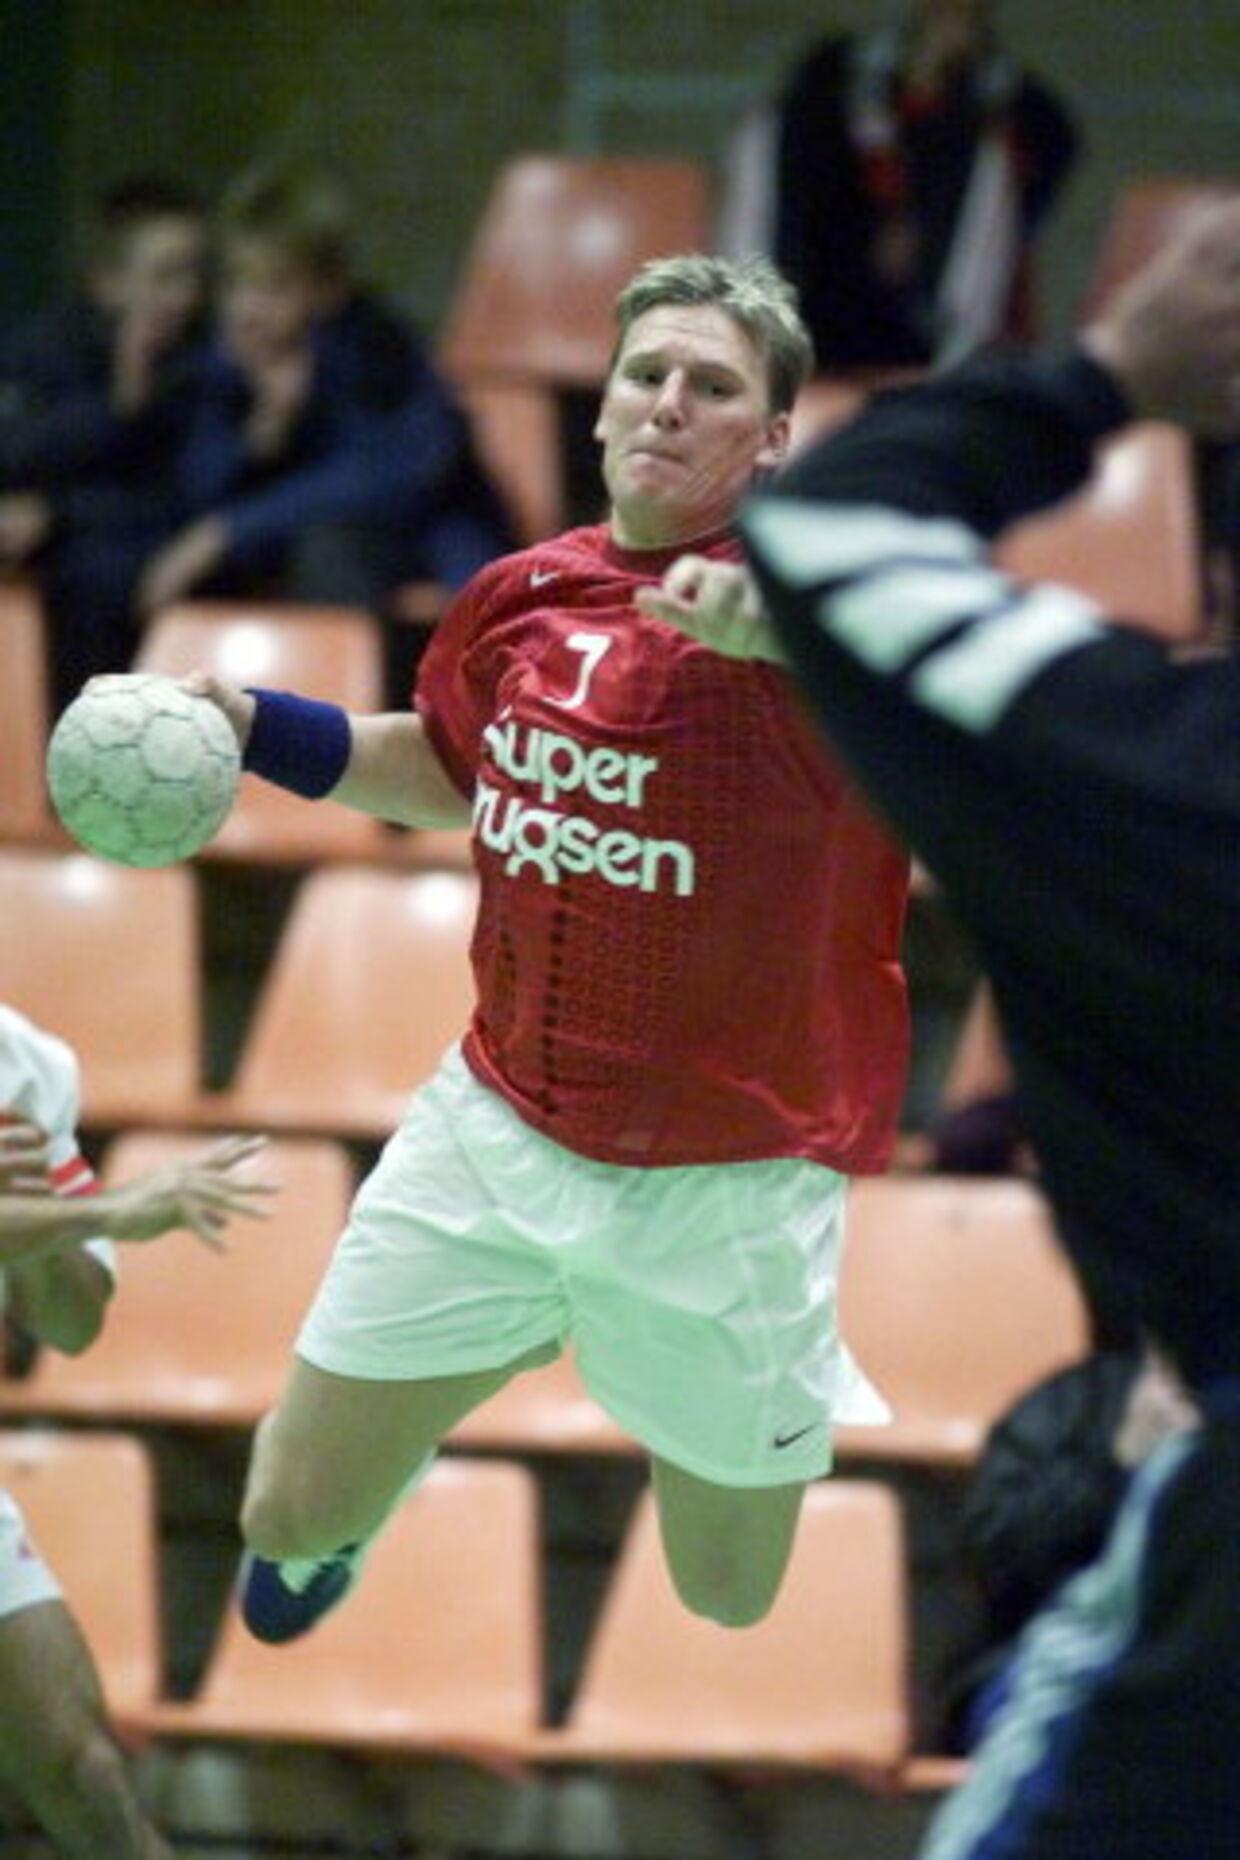 Nikolaj Jacobsen ser frem til sin toårige kontrakt hos Viborg, hvor han glæder sig til ved siden af håndbolden at undervise unge mennesker i sport og tysk. Foto: Claus Fisker